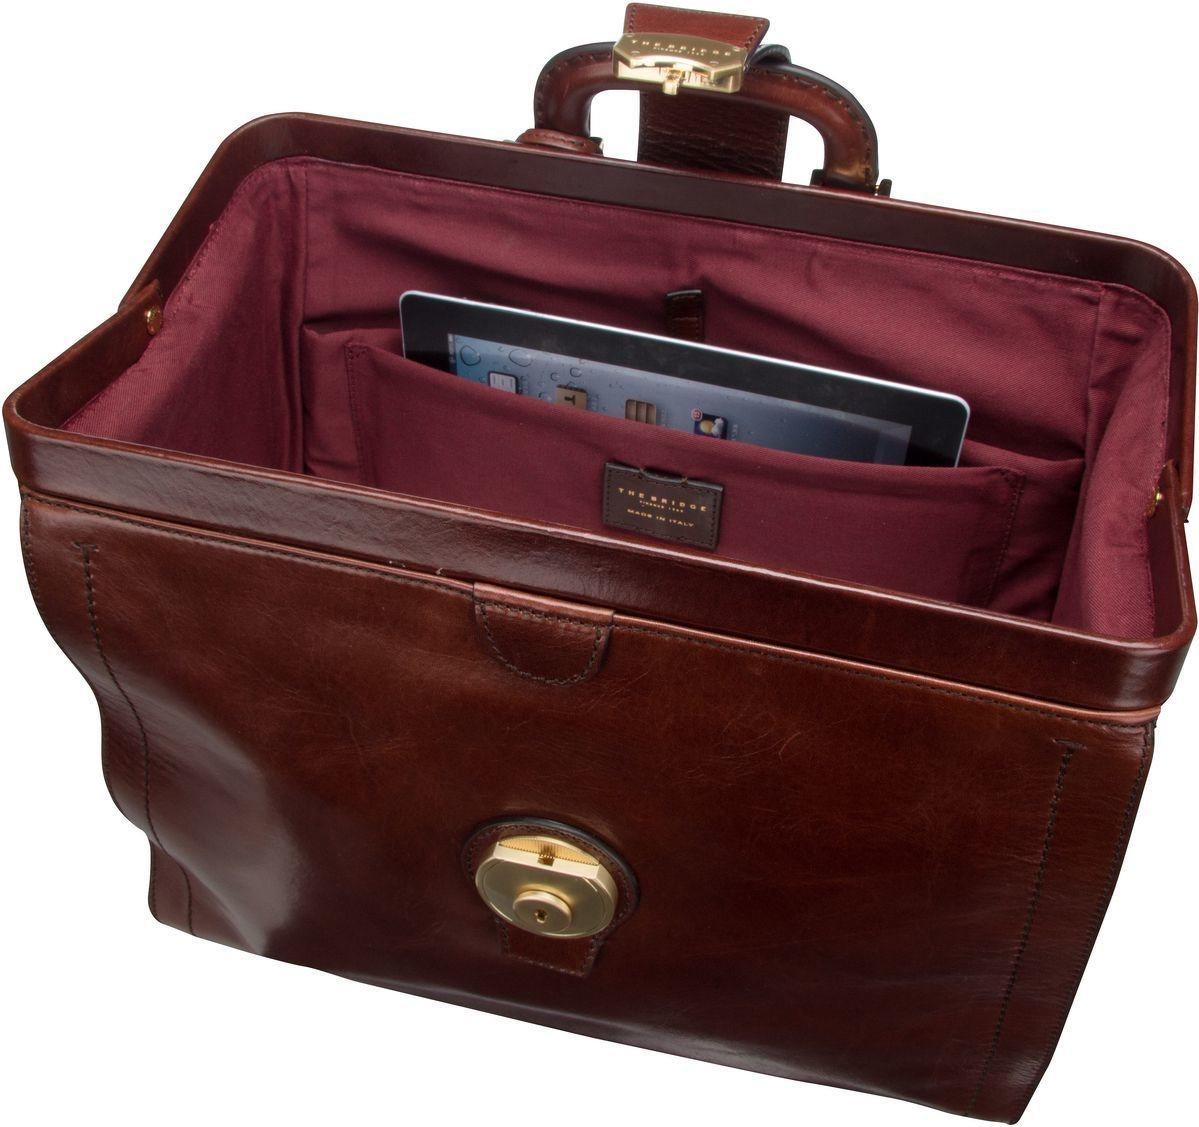 THE BRIDGE Handtasche »Capalbio Arzttasche 2058« | Taschen > Business Taschen | Braun | Metall | THE BRIDGE